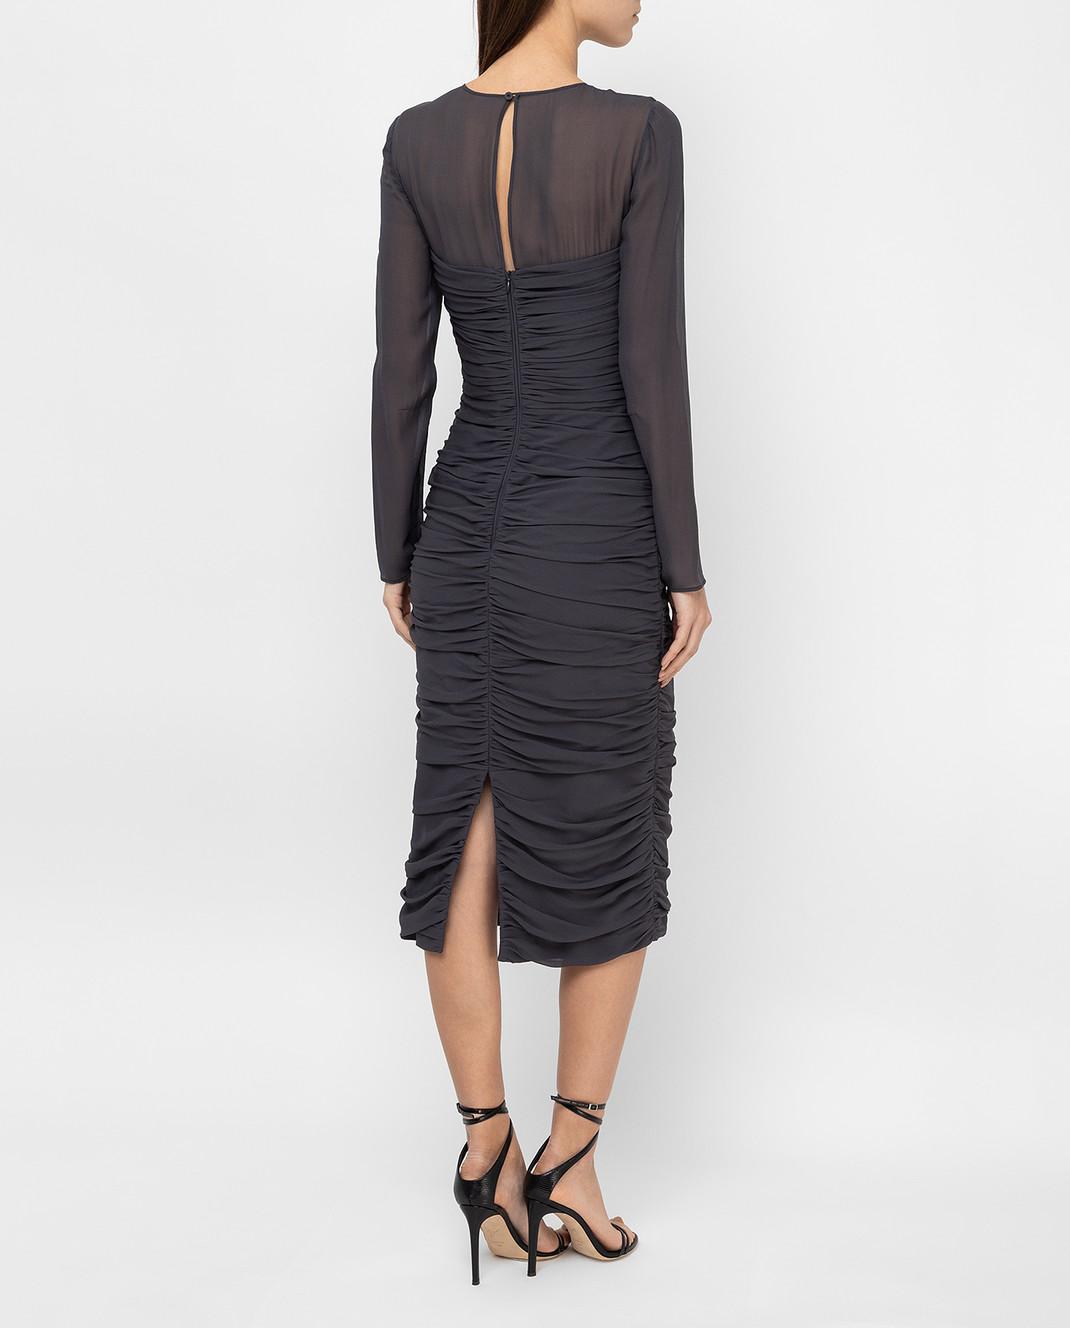 Max Mara Темно-серое платье из шелка ODER изображение 4